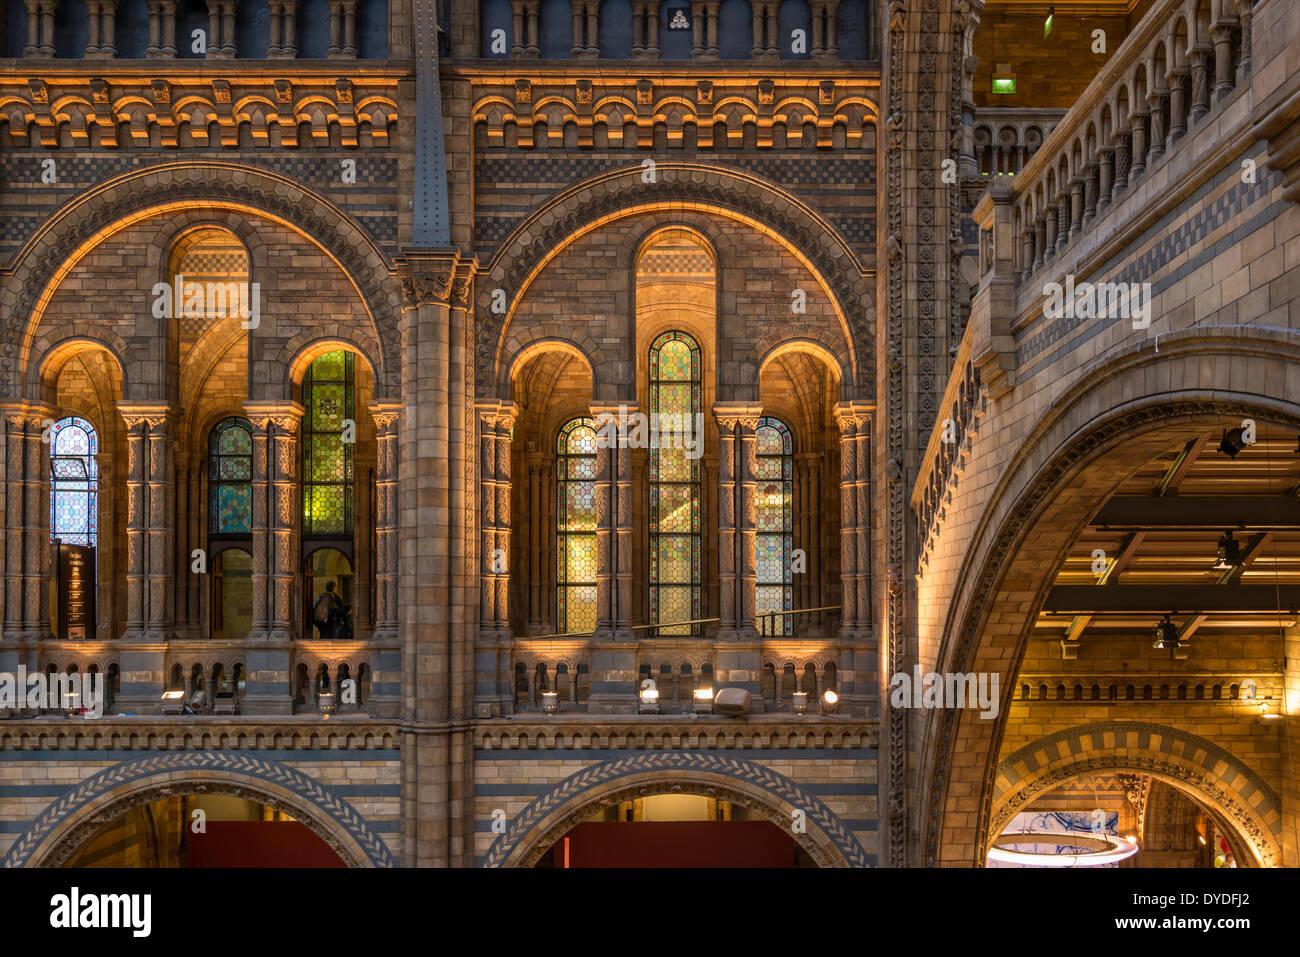 Intérieur de l'histoire naturelle de Londres. Photo Stock